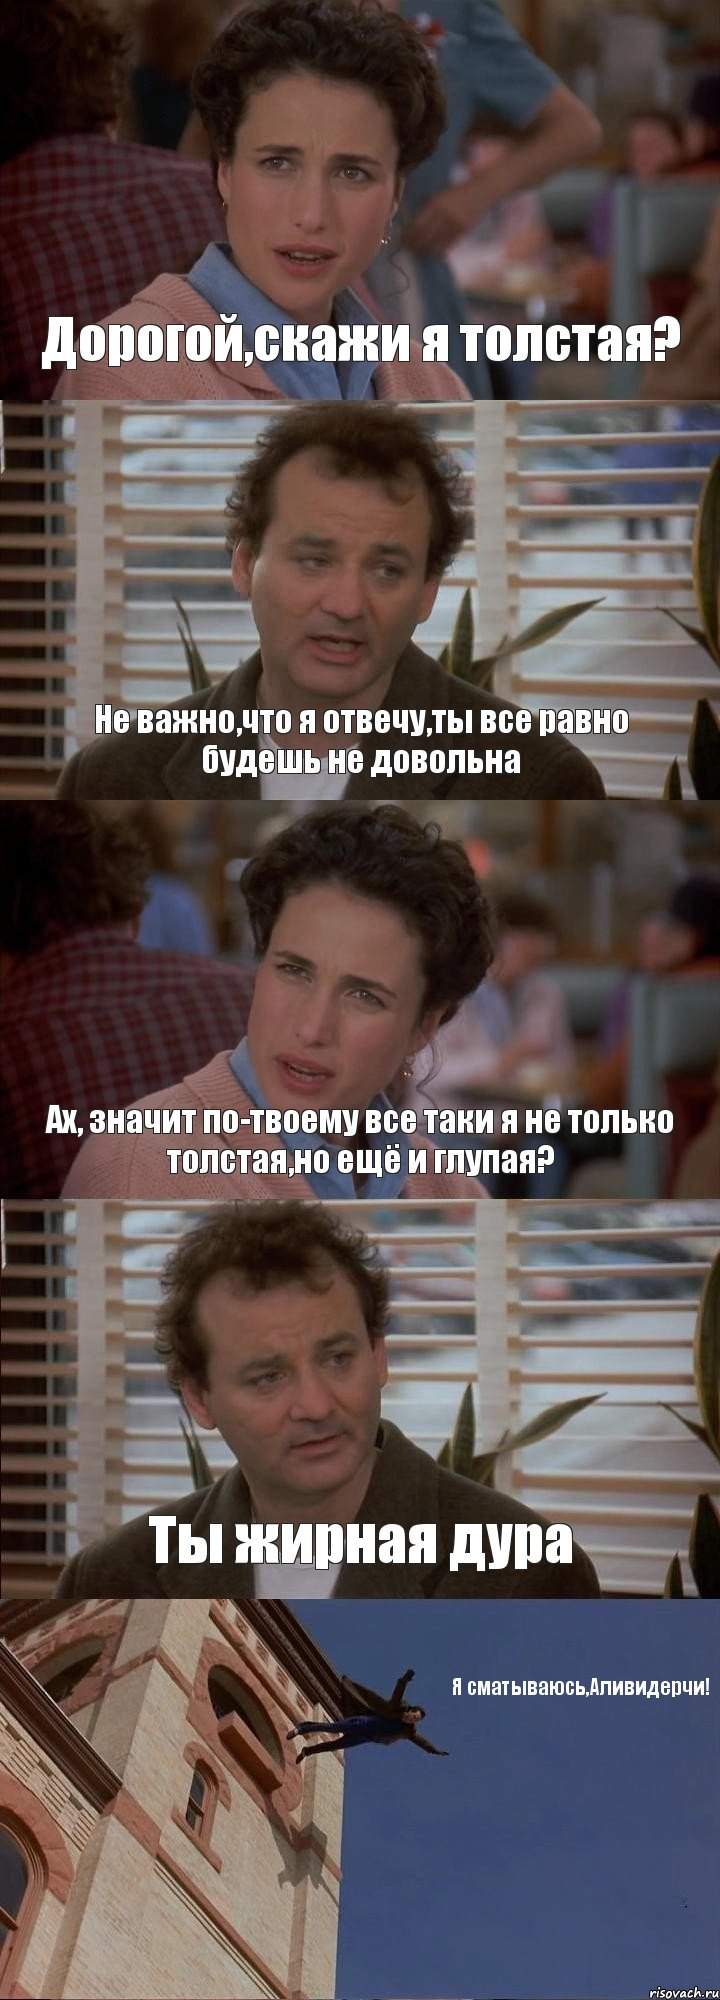 ты не глупая: